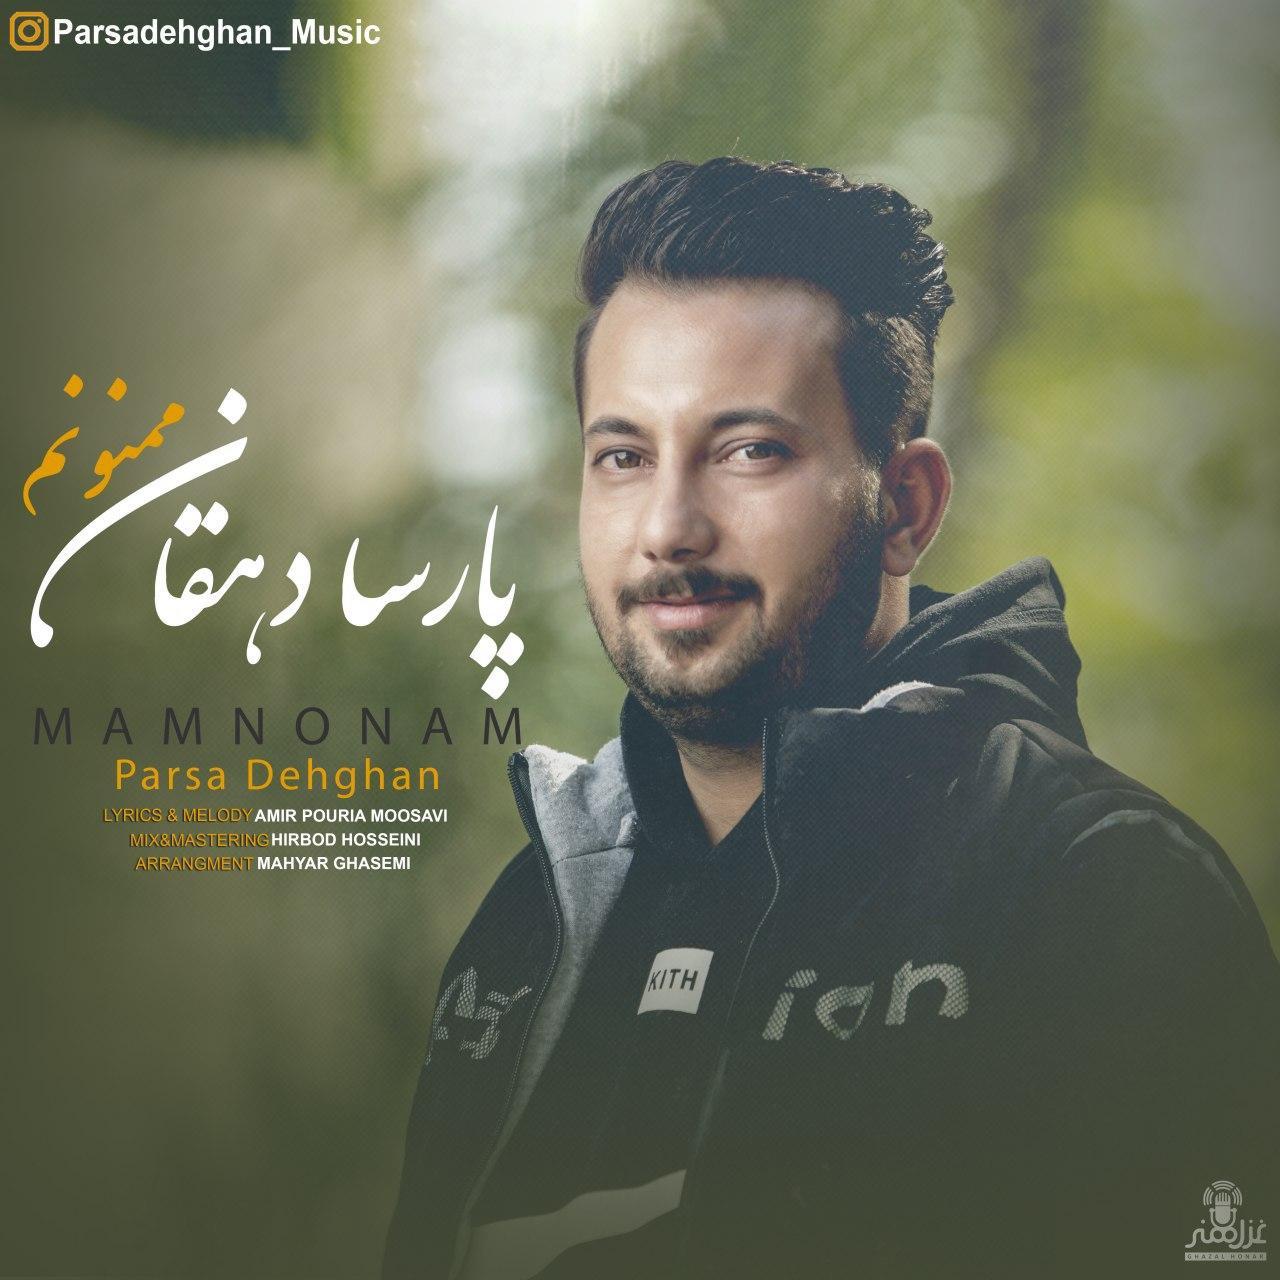 Parsa Dehghan – Mamnonam